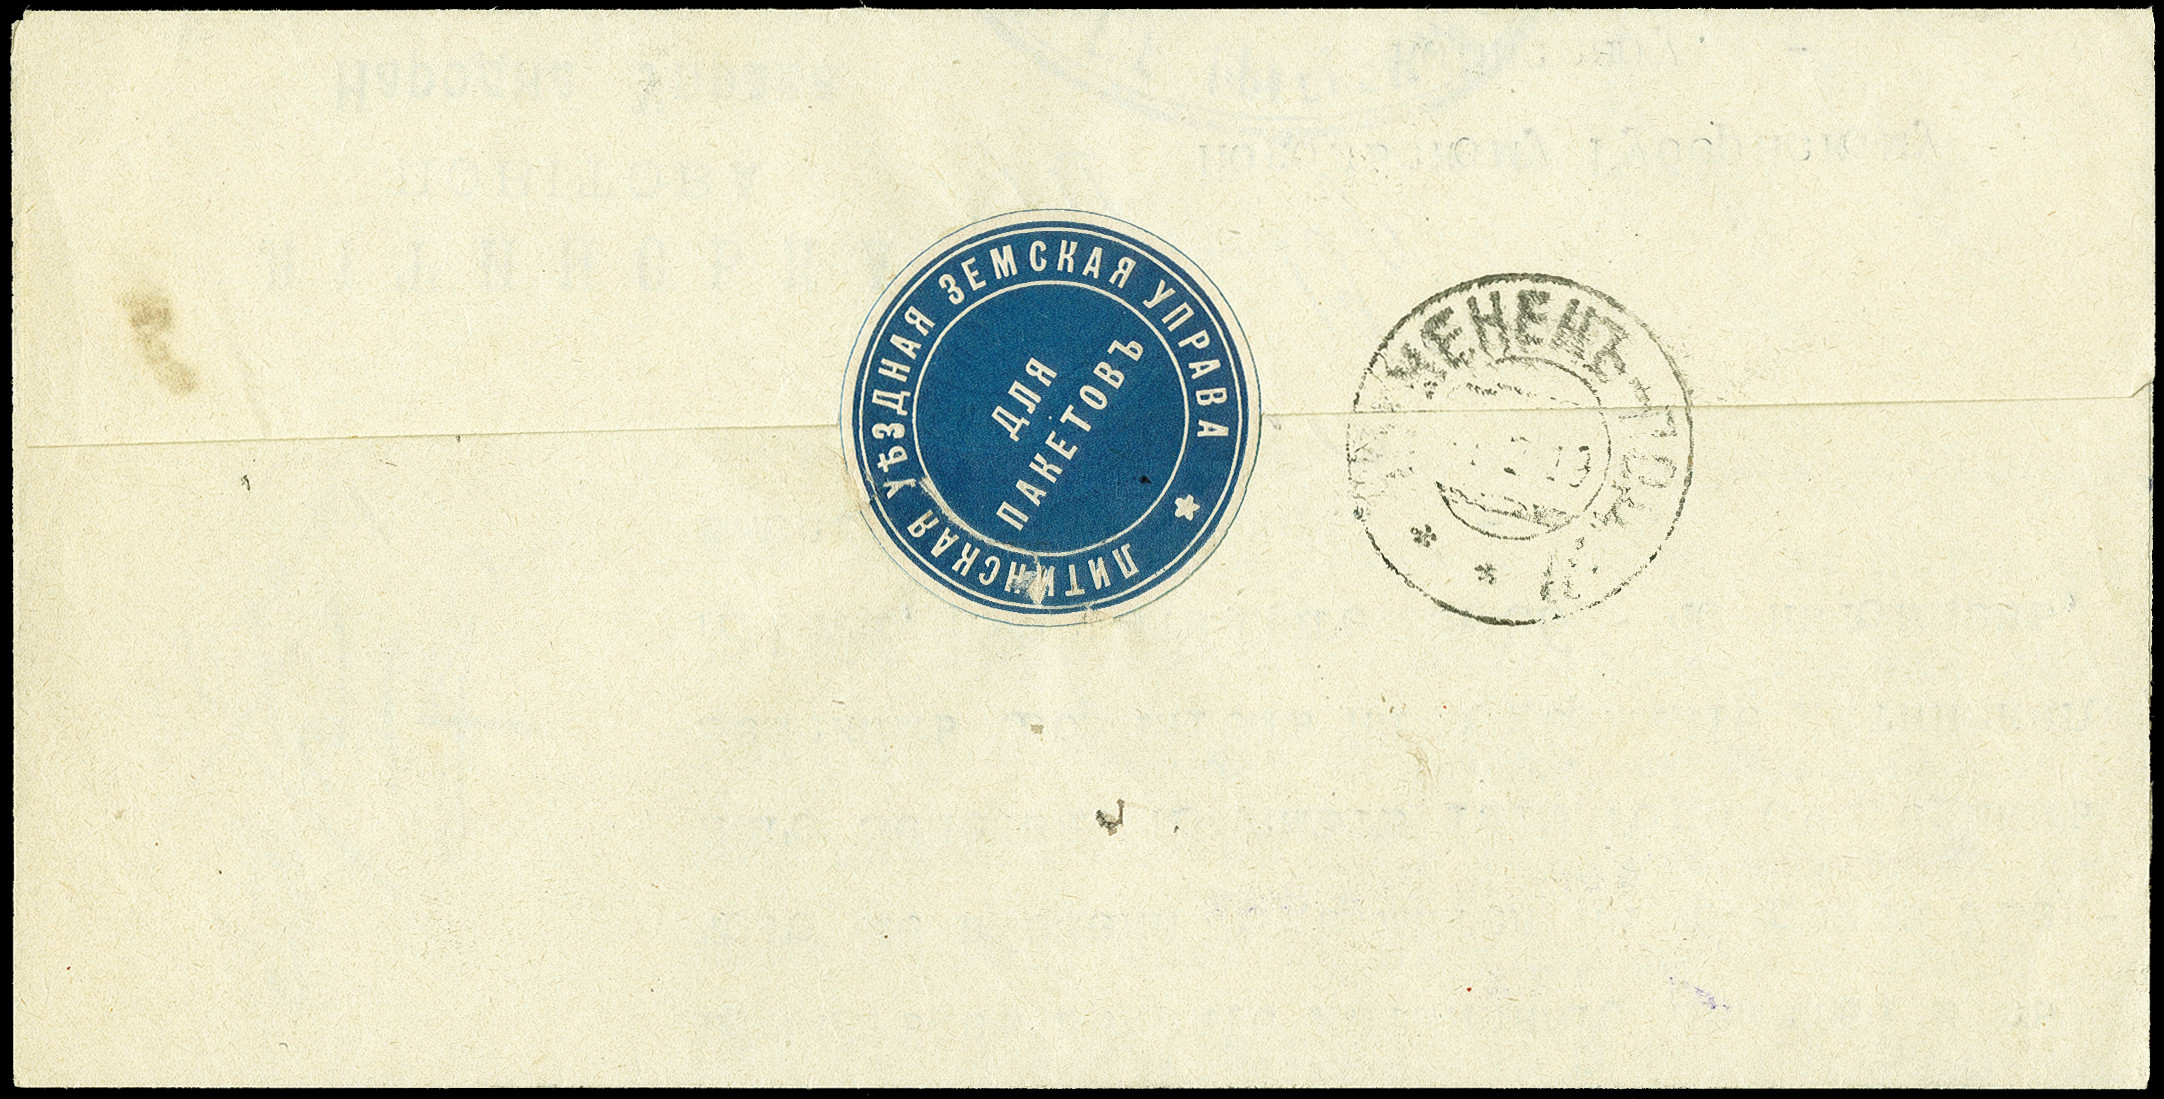 Lot 1924 - russland zemstvo -  Heinrich Koehler Auktionen 375rd Heinrich Köhler auction - Day 1